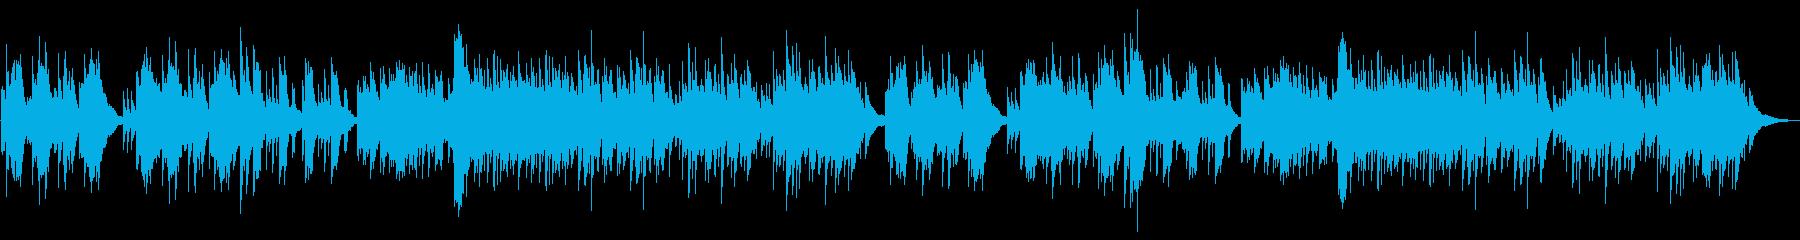 京都、夏、秋、和風、ピアノ、琴、企業VPの再生済みの波形